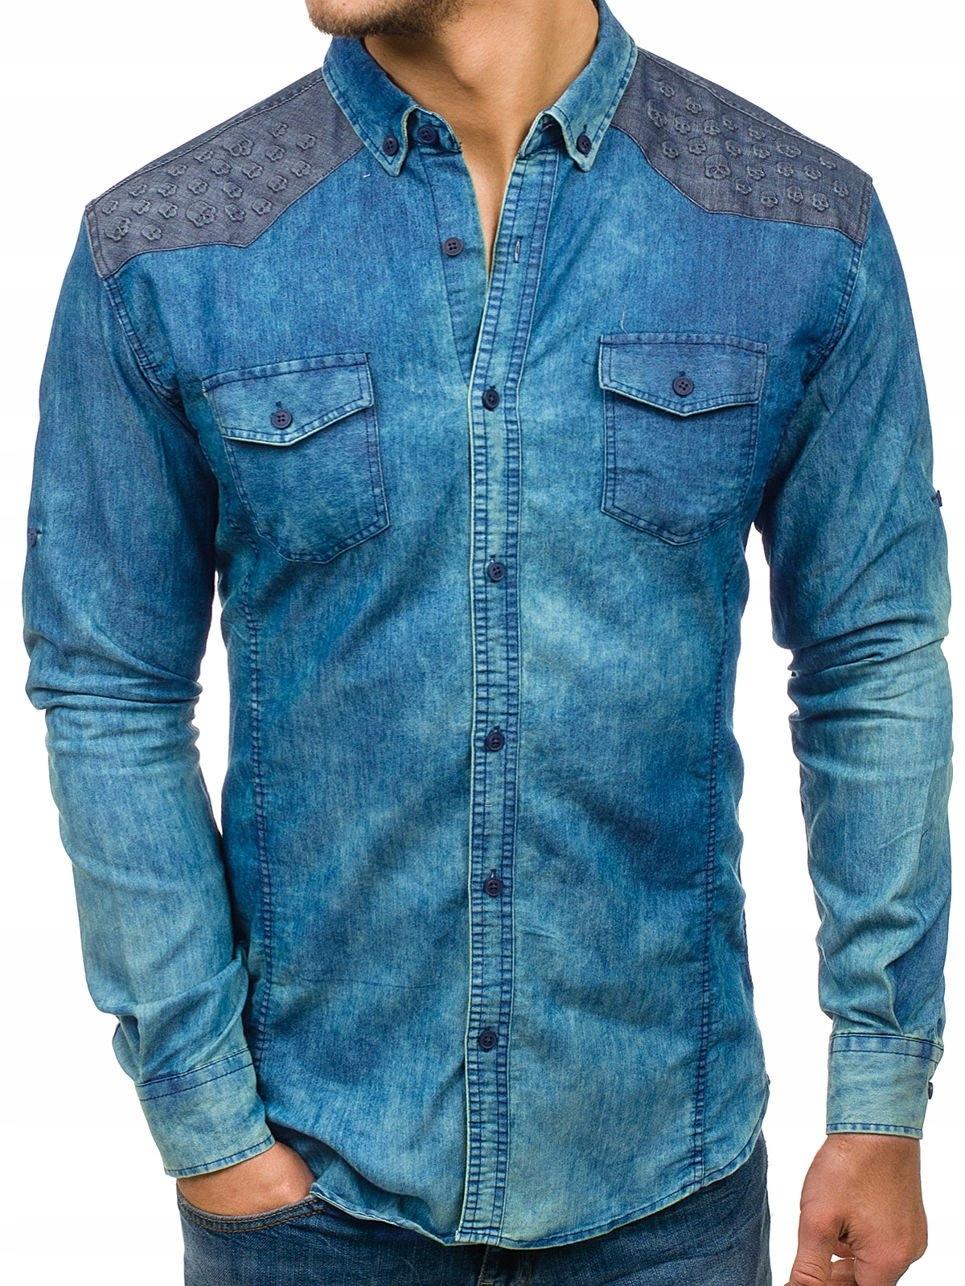 картинки рубашек и джинсов